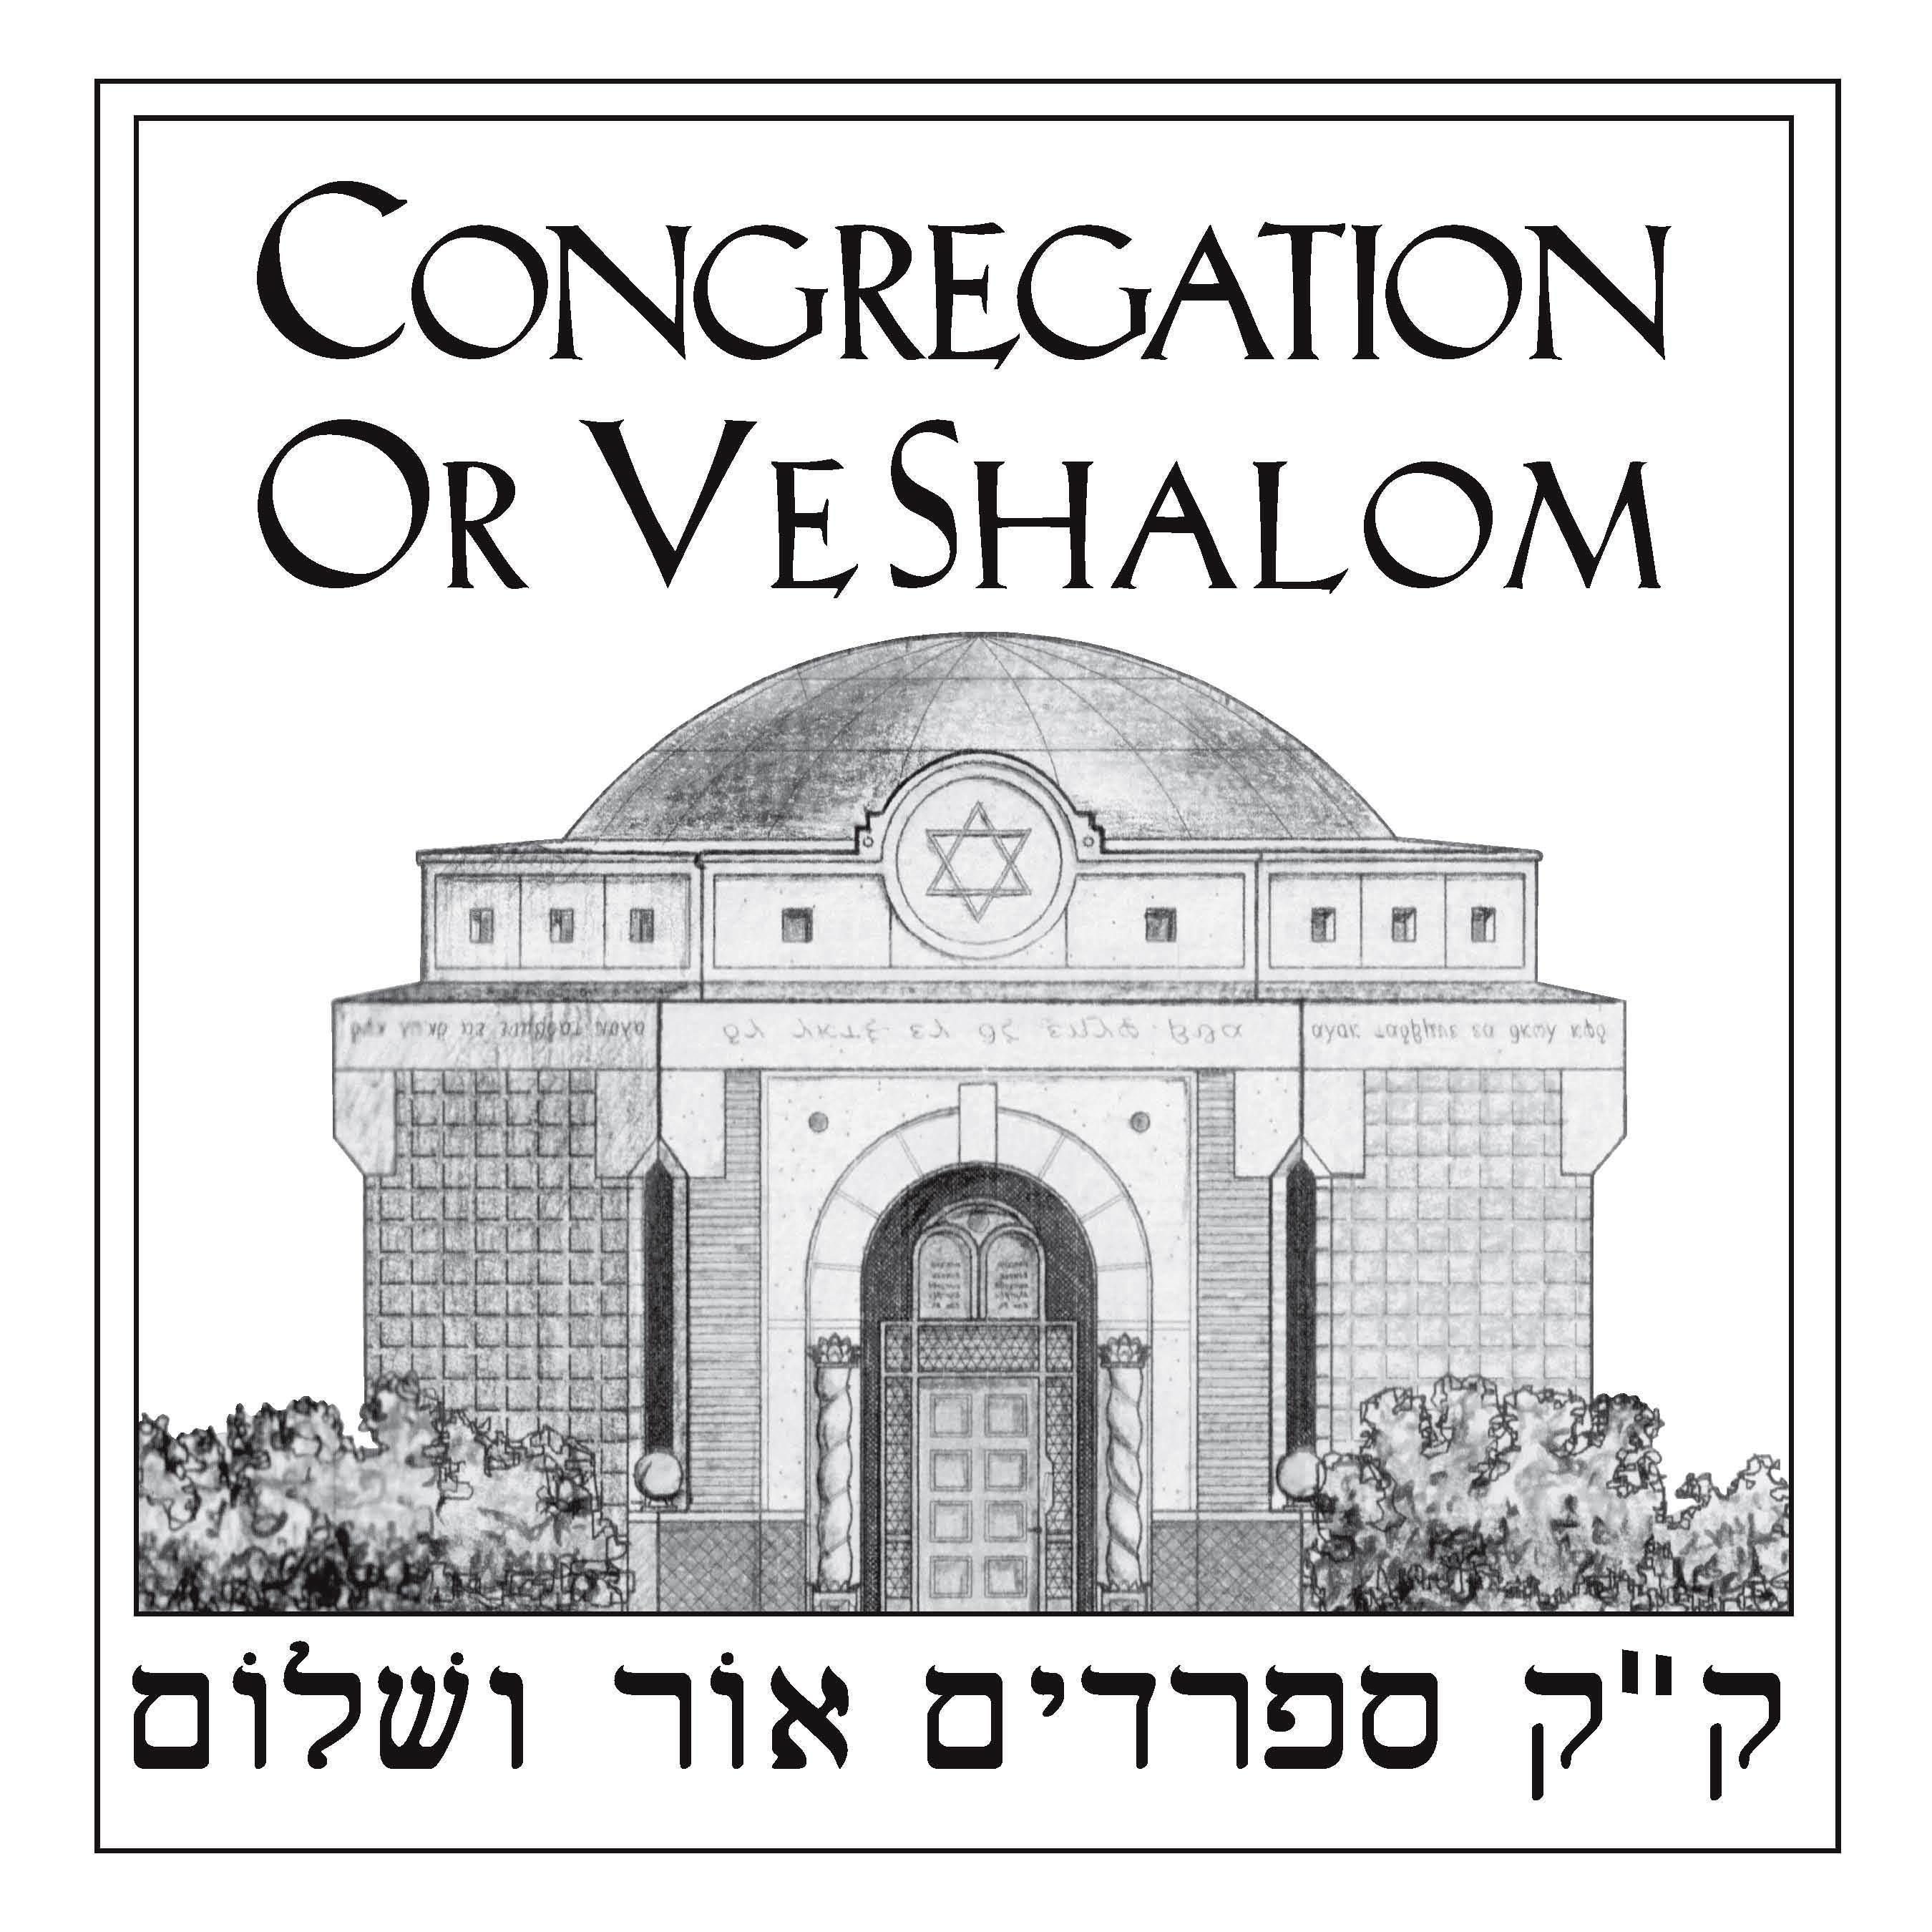 Cong OVS logo